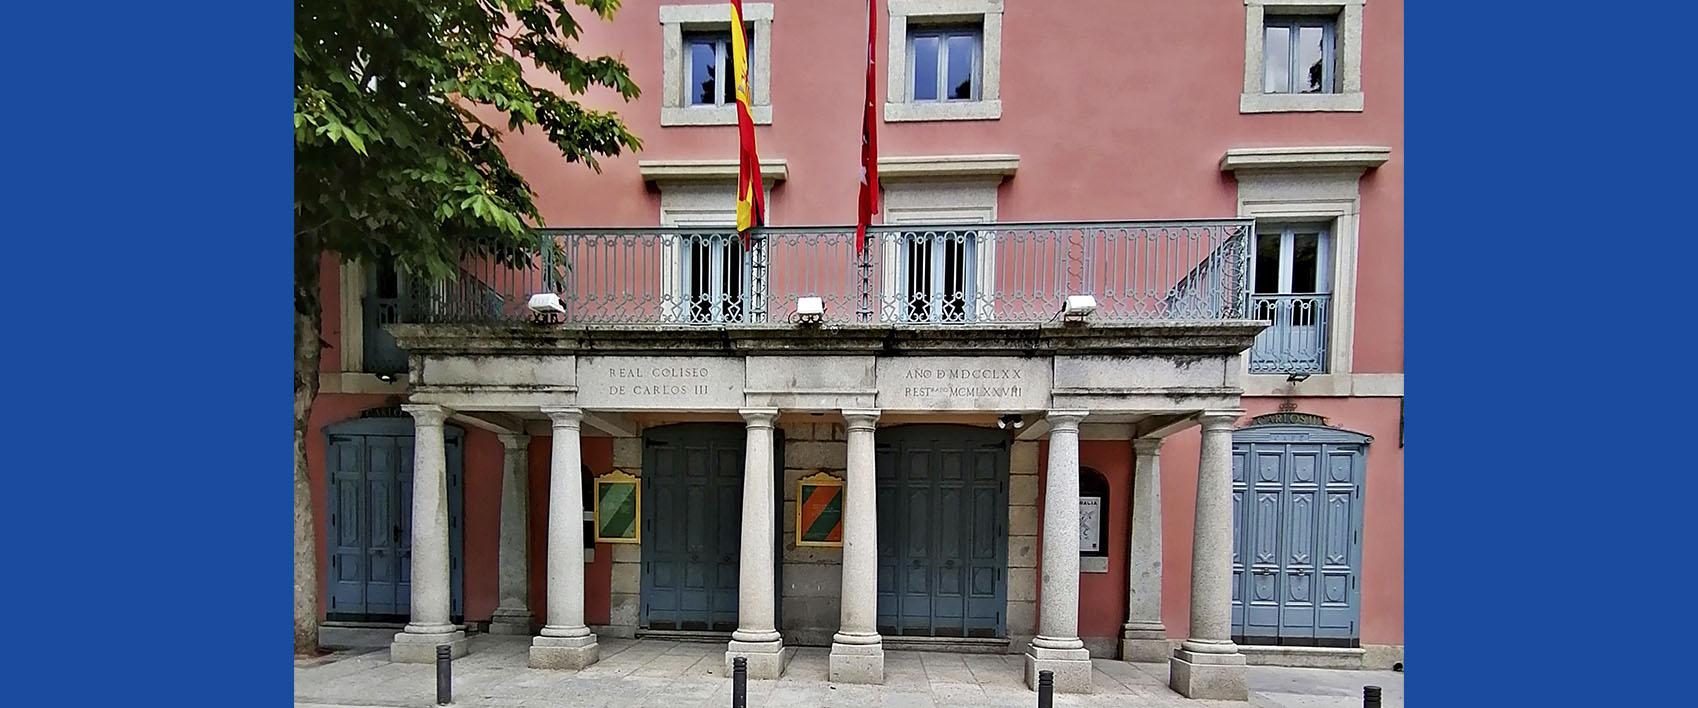 Real Coliseo Carlos III